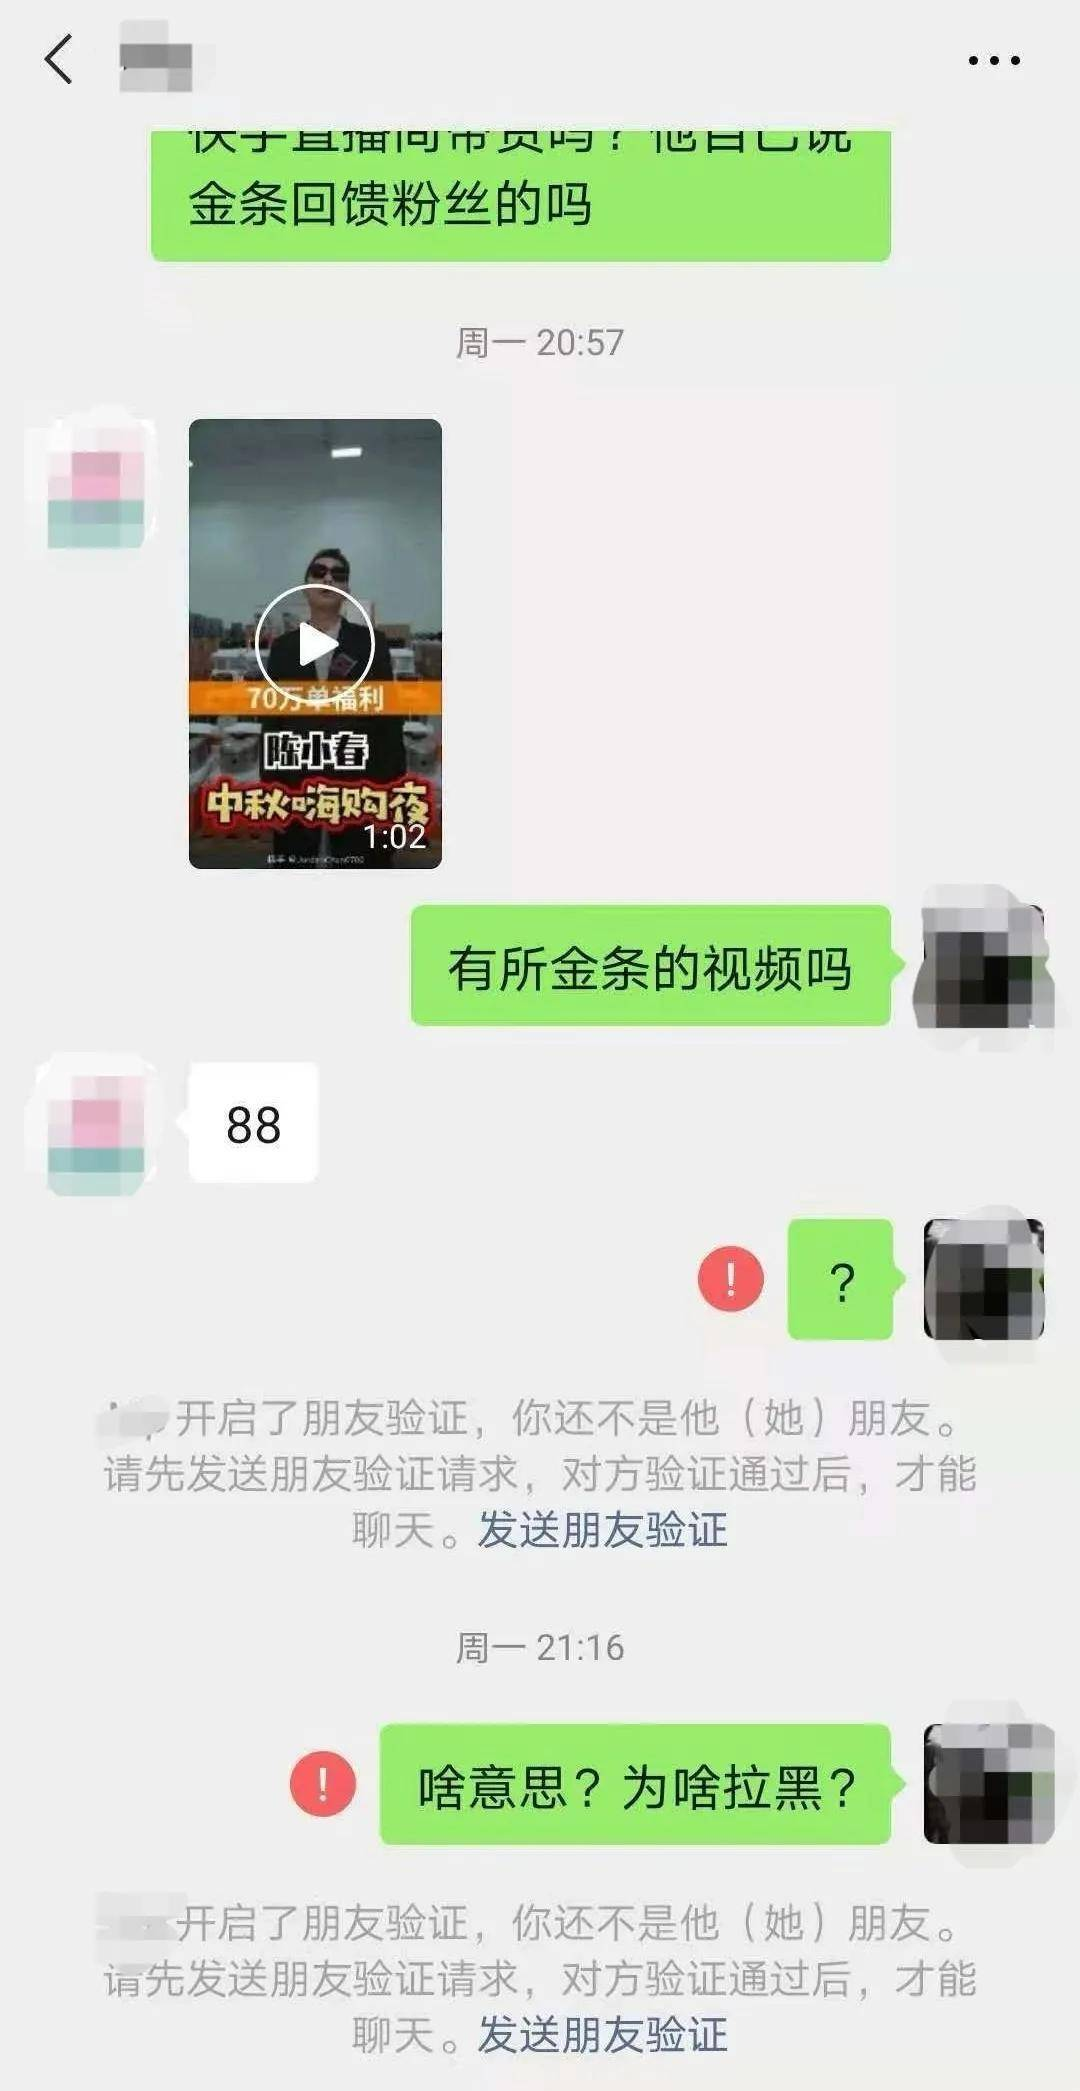 香港知名艺人翻车!直播间9.9元卖金条,粉丝收到的却是塑料片...